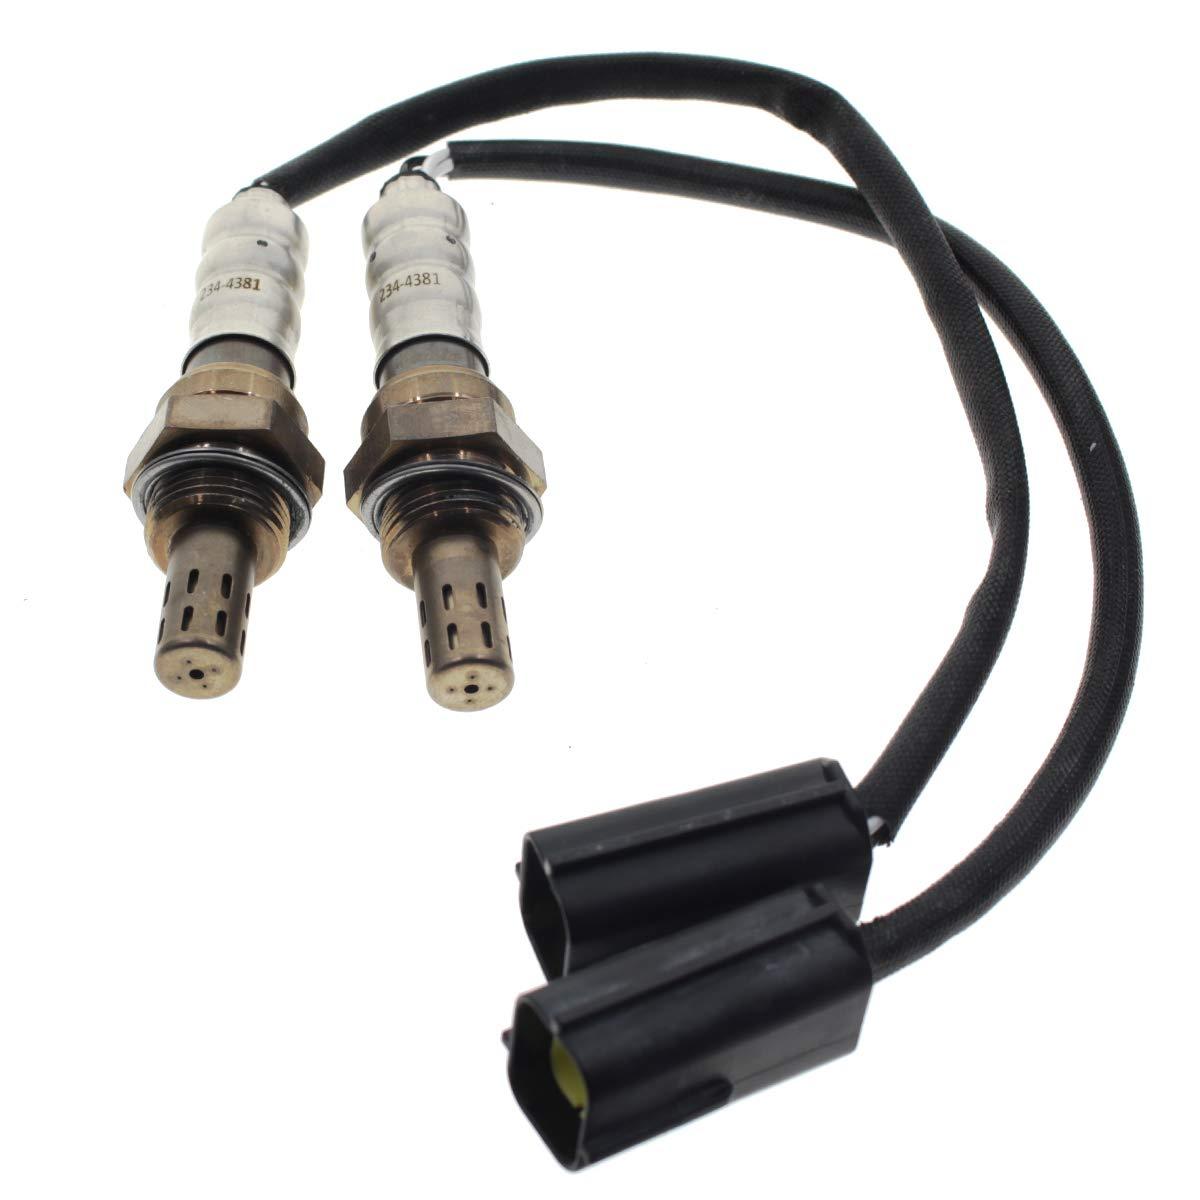 Downstream Oxygen Sensor O2 234-4381 2PCS Set 07-13 For Nissan Altima 2.5L 3.5L